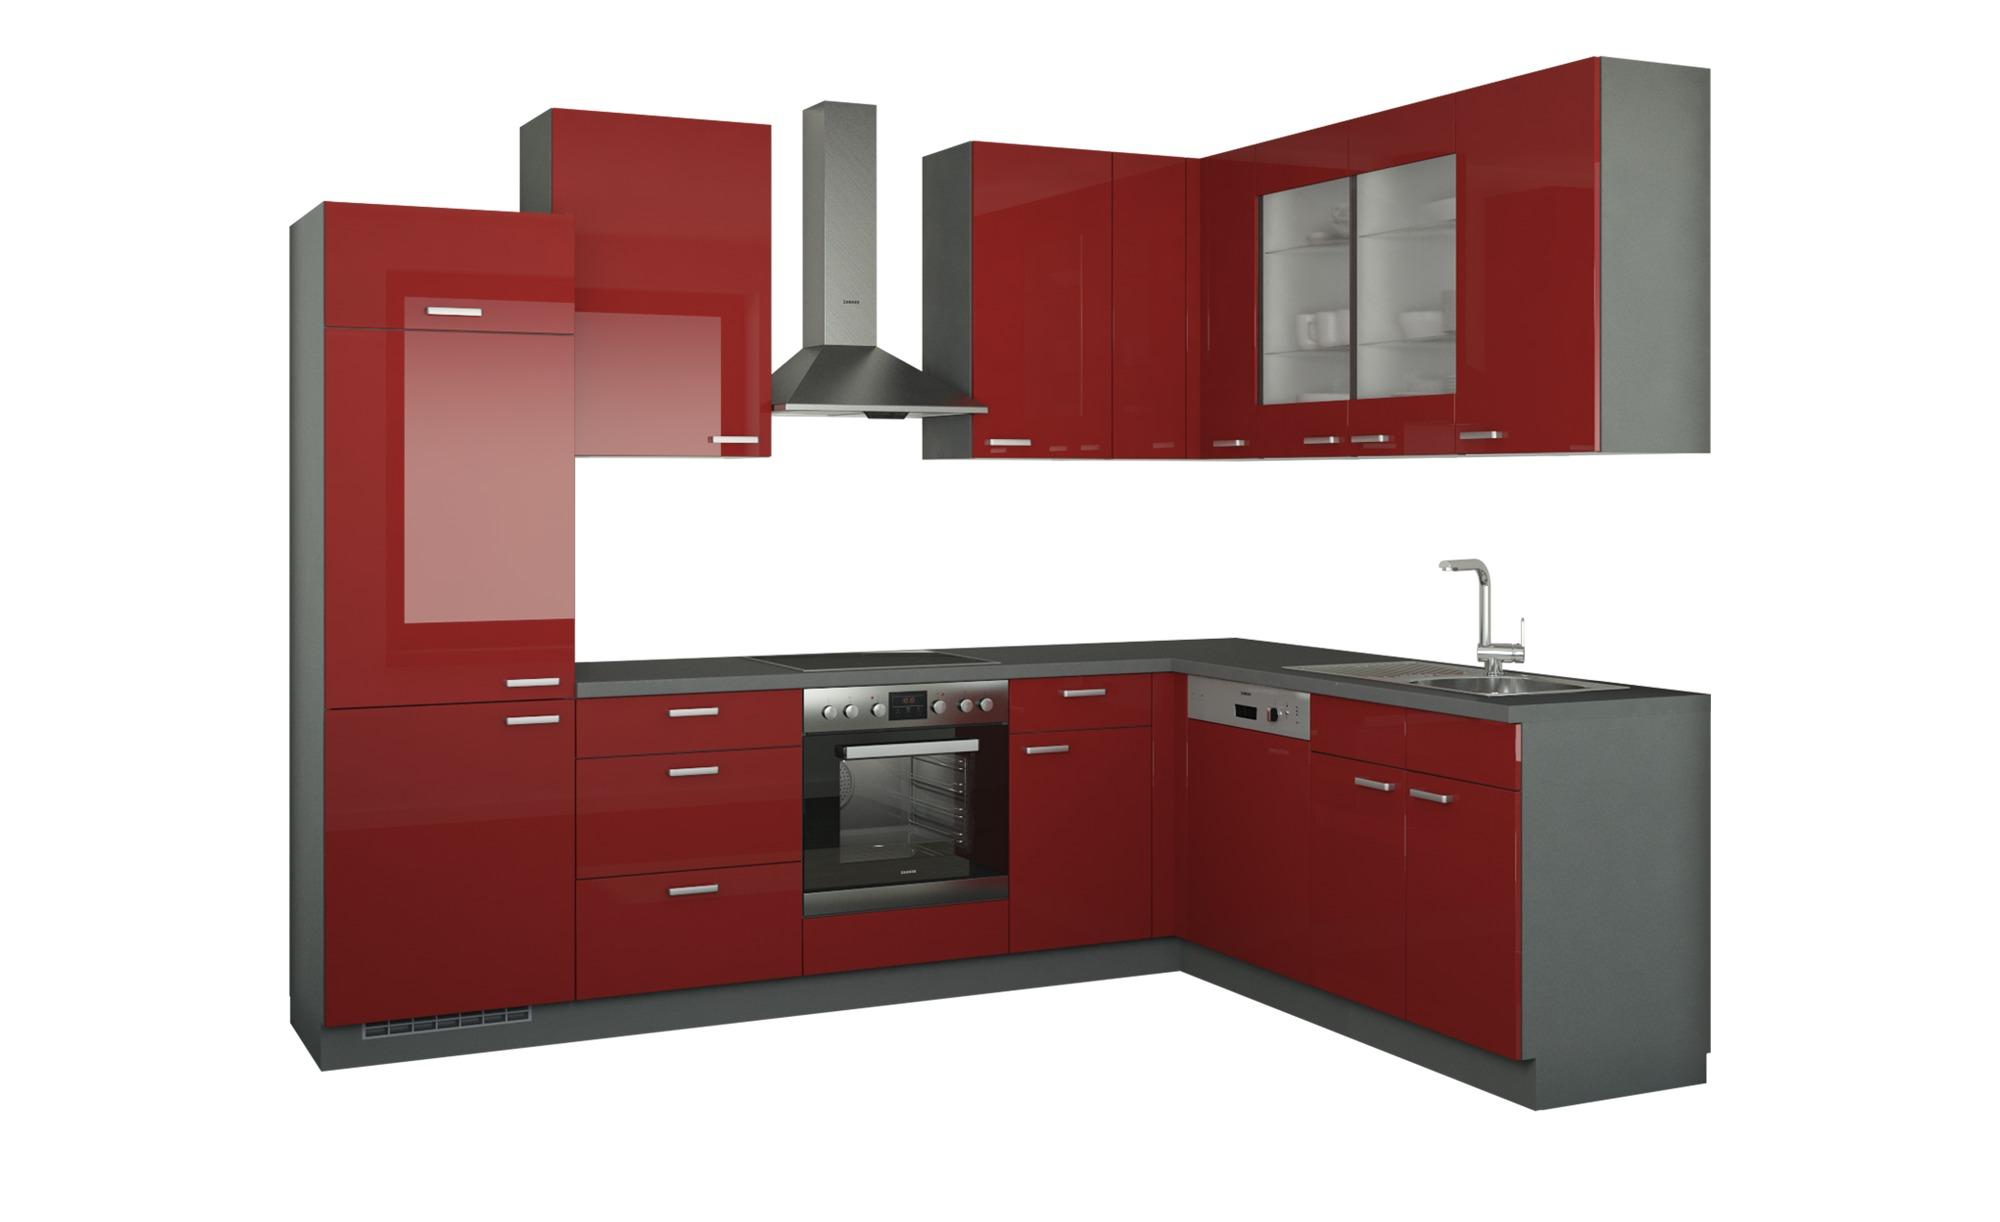 Winkelküche ohne Elektrogeräte  München ¦ rot Küchen > Küchenblöcke - Höffner | Küche und Esszimmer > Küchen > Winkelküchen | Rot | Holzwerkstoff - Glas | Möbel Höffner DE